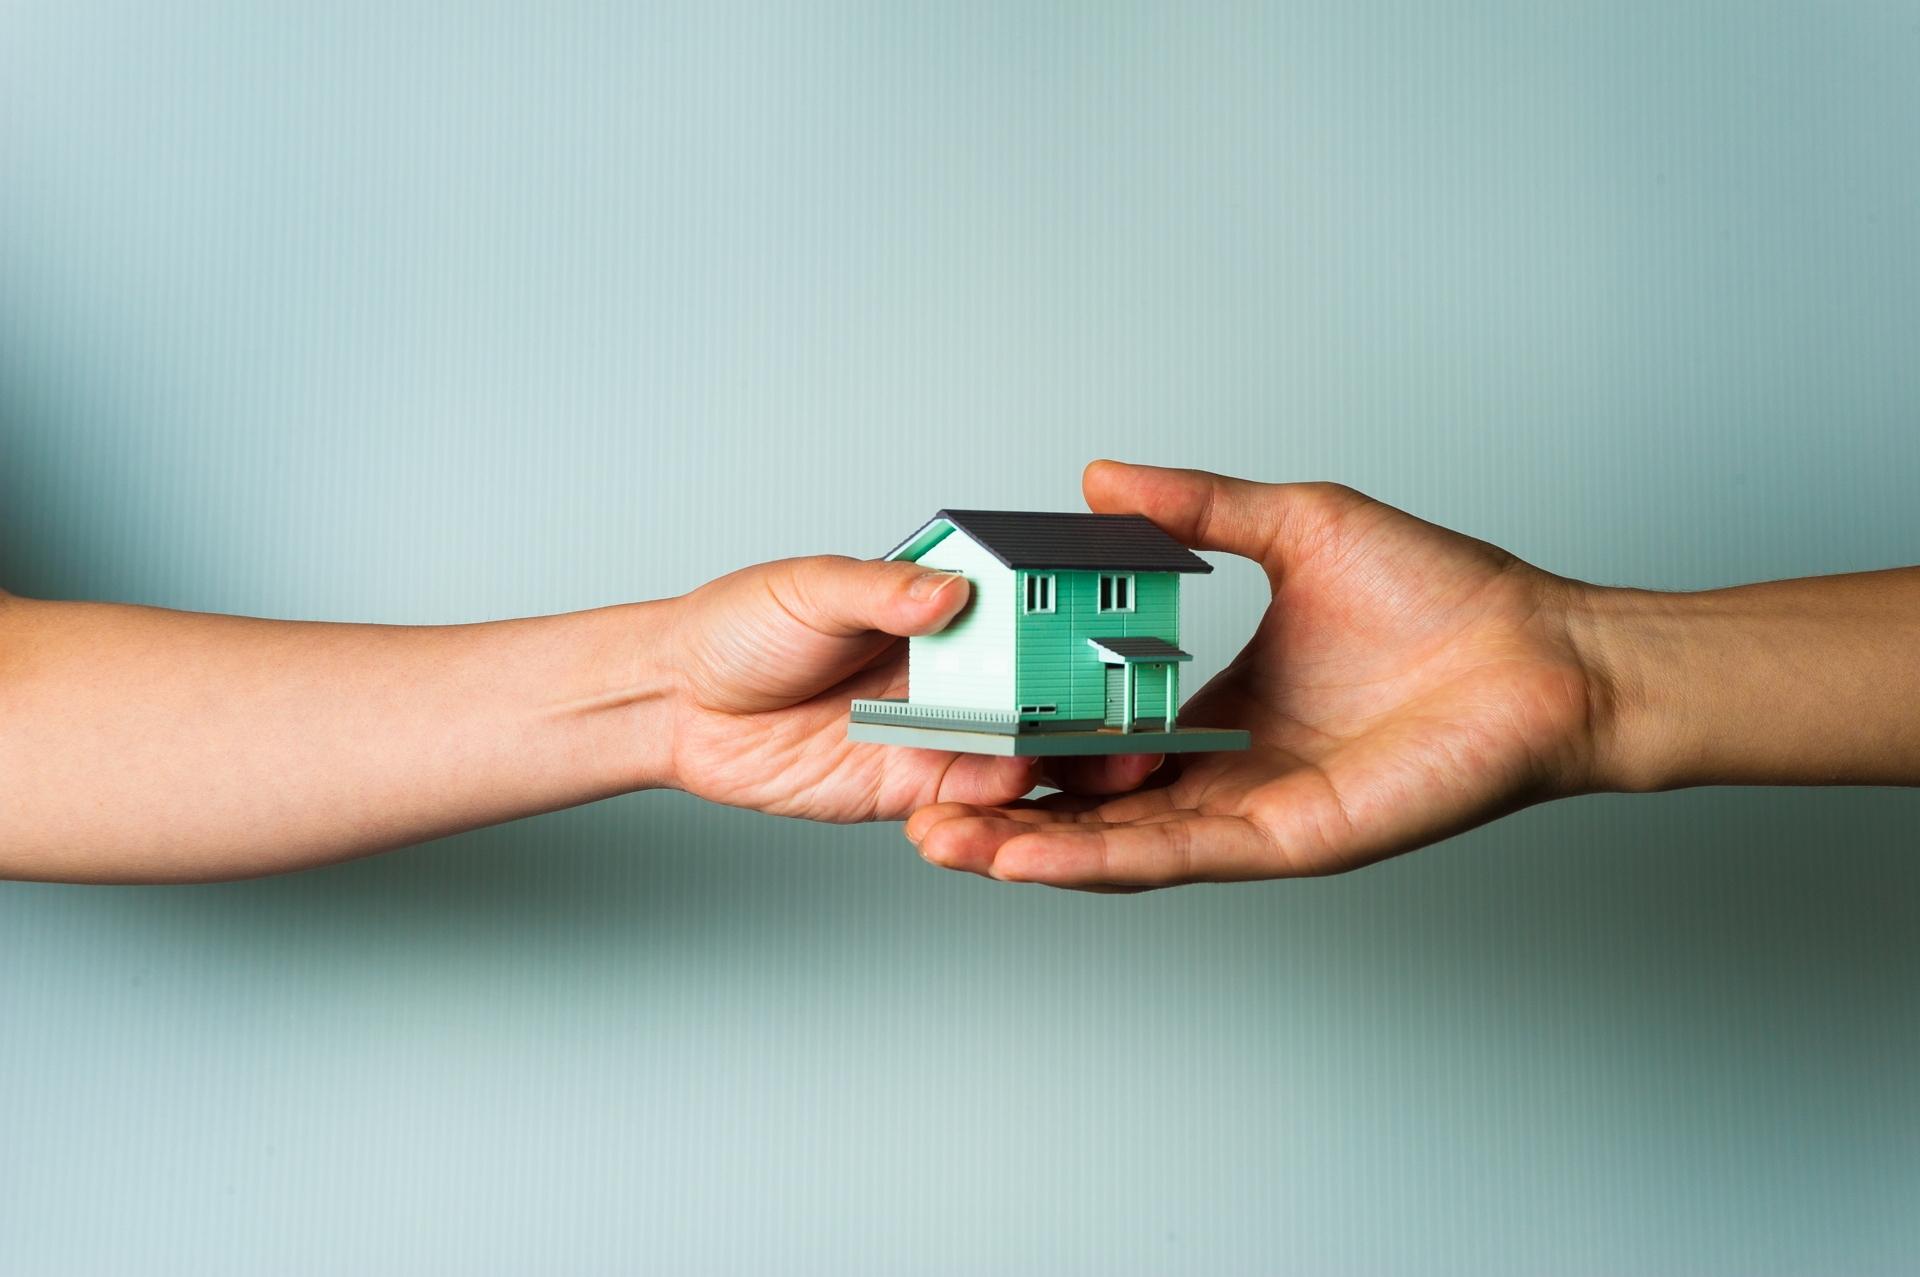 Как оспорить завещание на квартиру после смерти